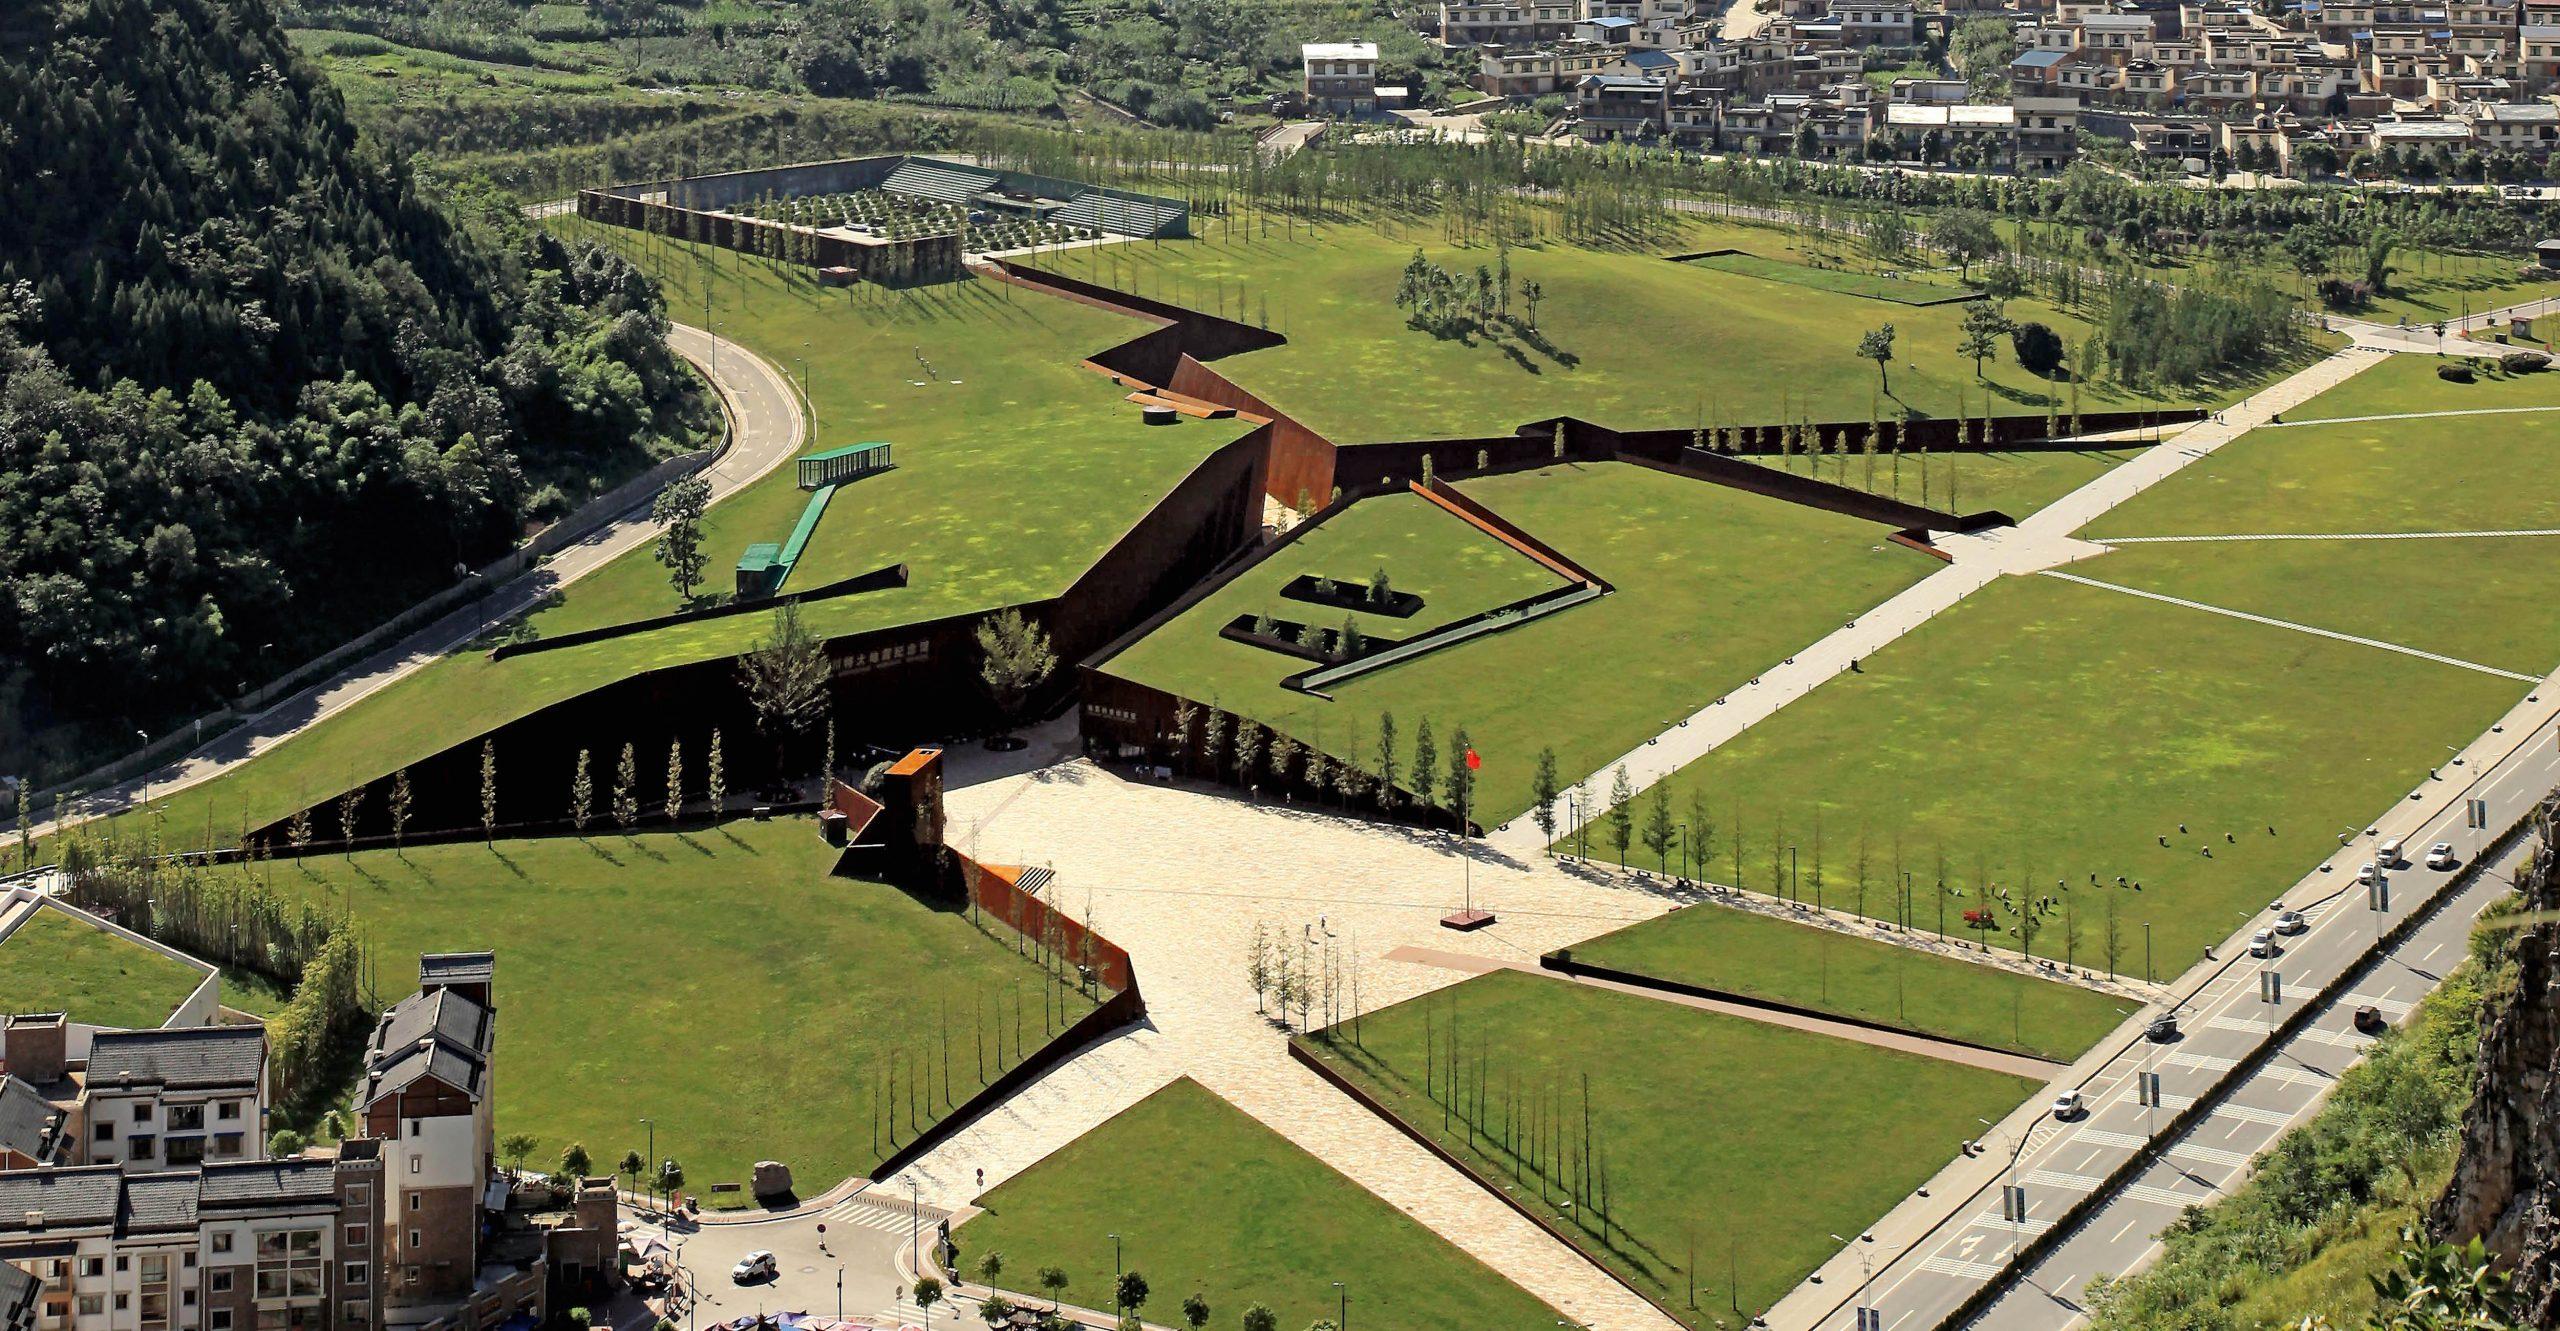 El impactante Museo del terremoto de Wenchuan